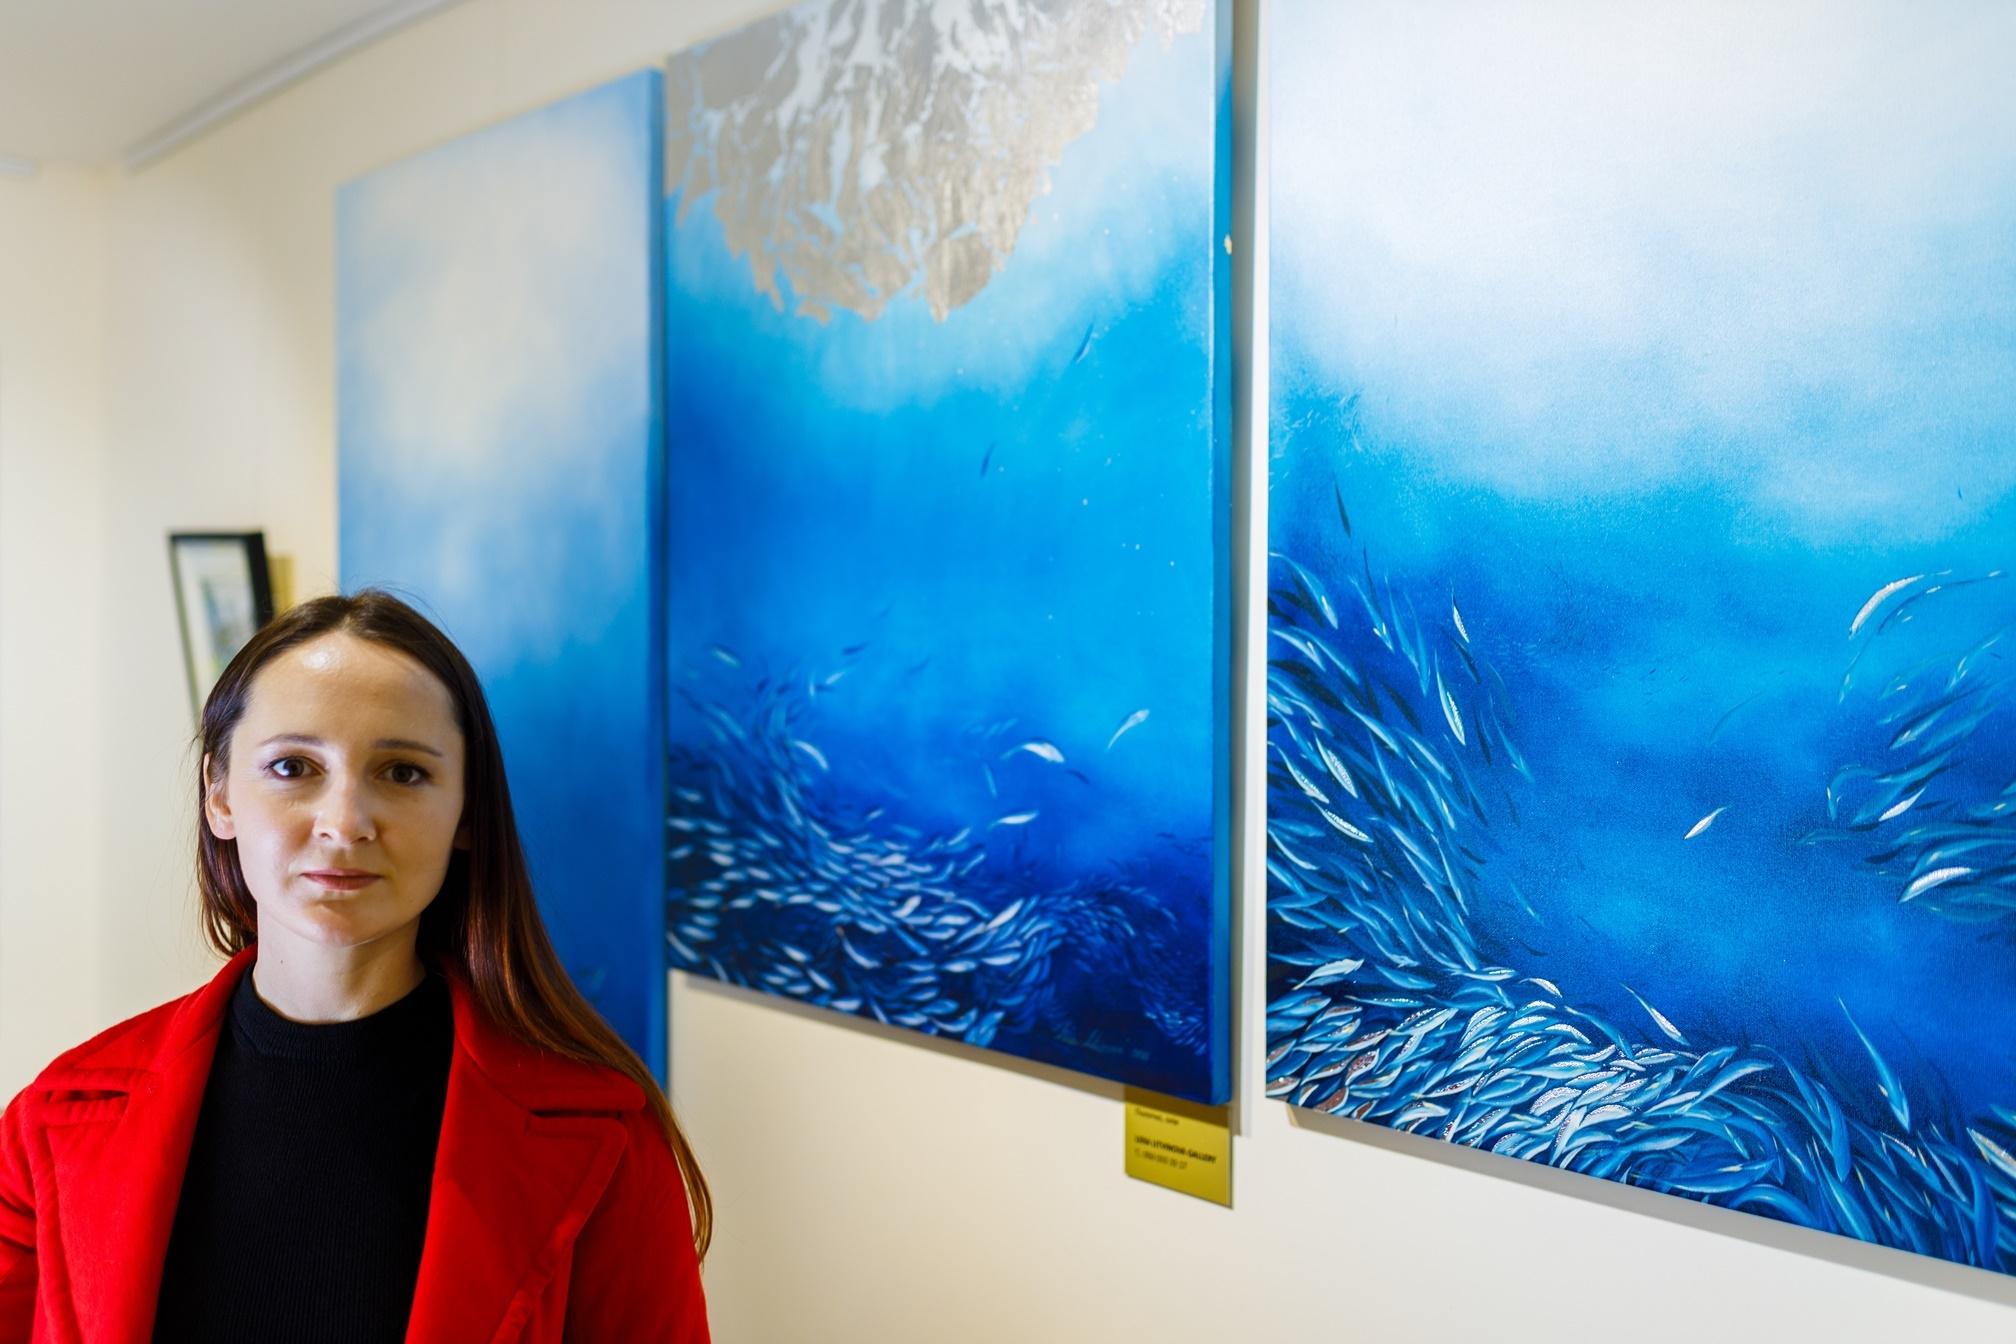 Арт-пространство Lera Litvinova Gallery открылось по новому адресу в Киеве (ФОТО) - фото №2